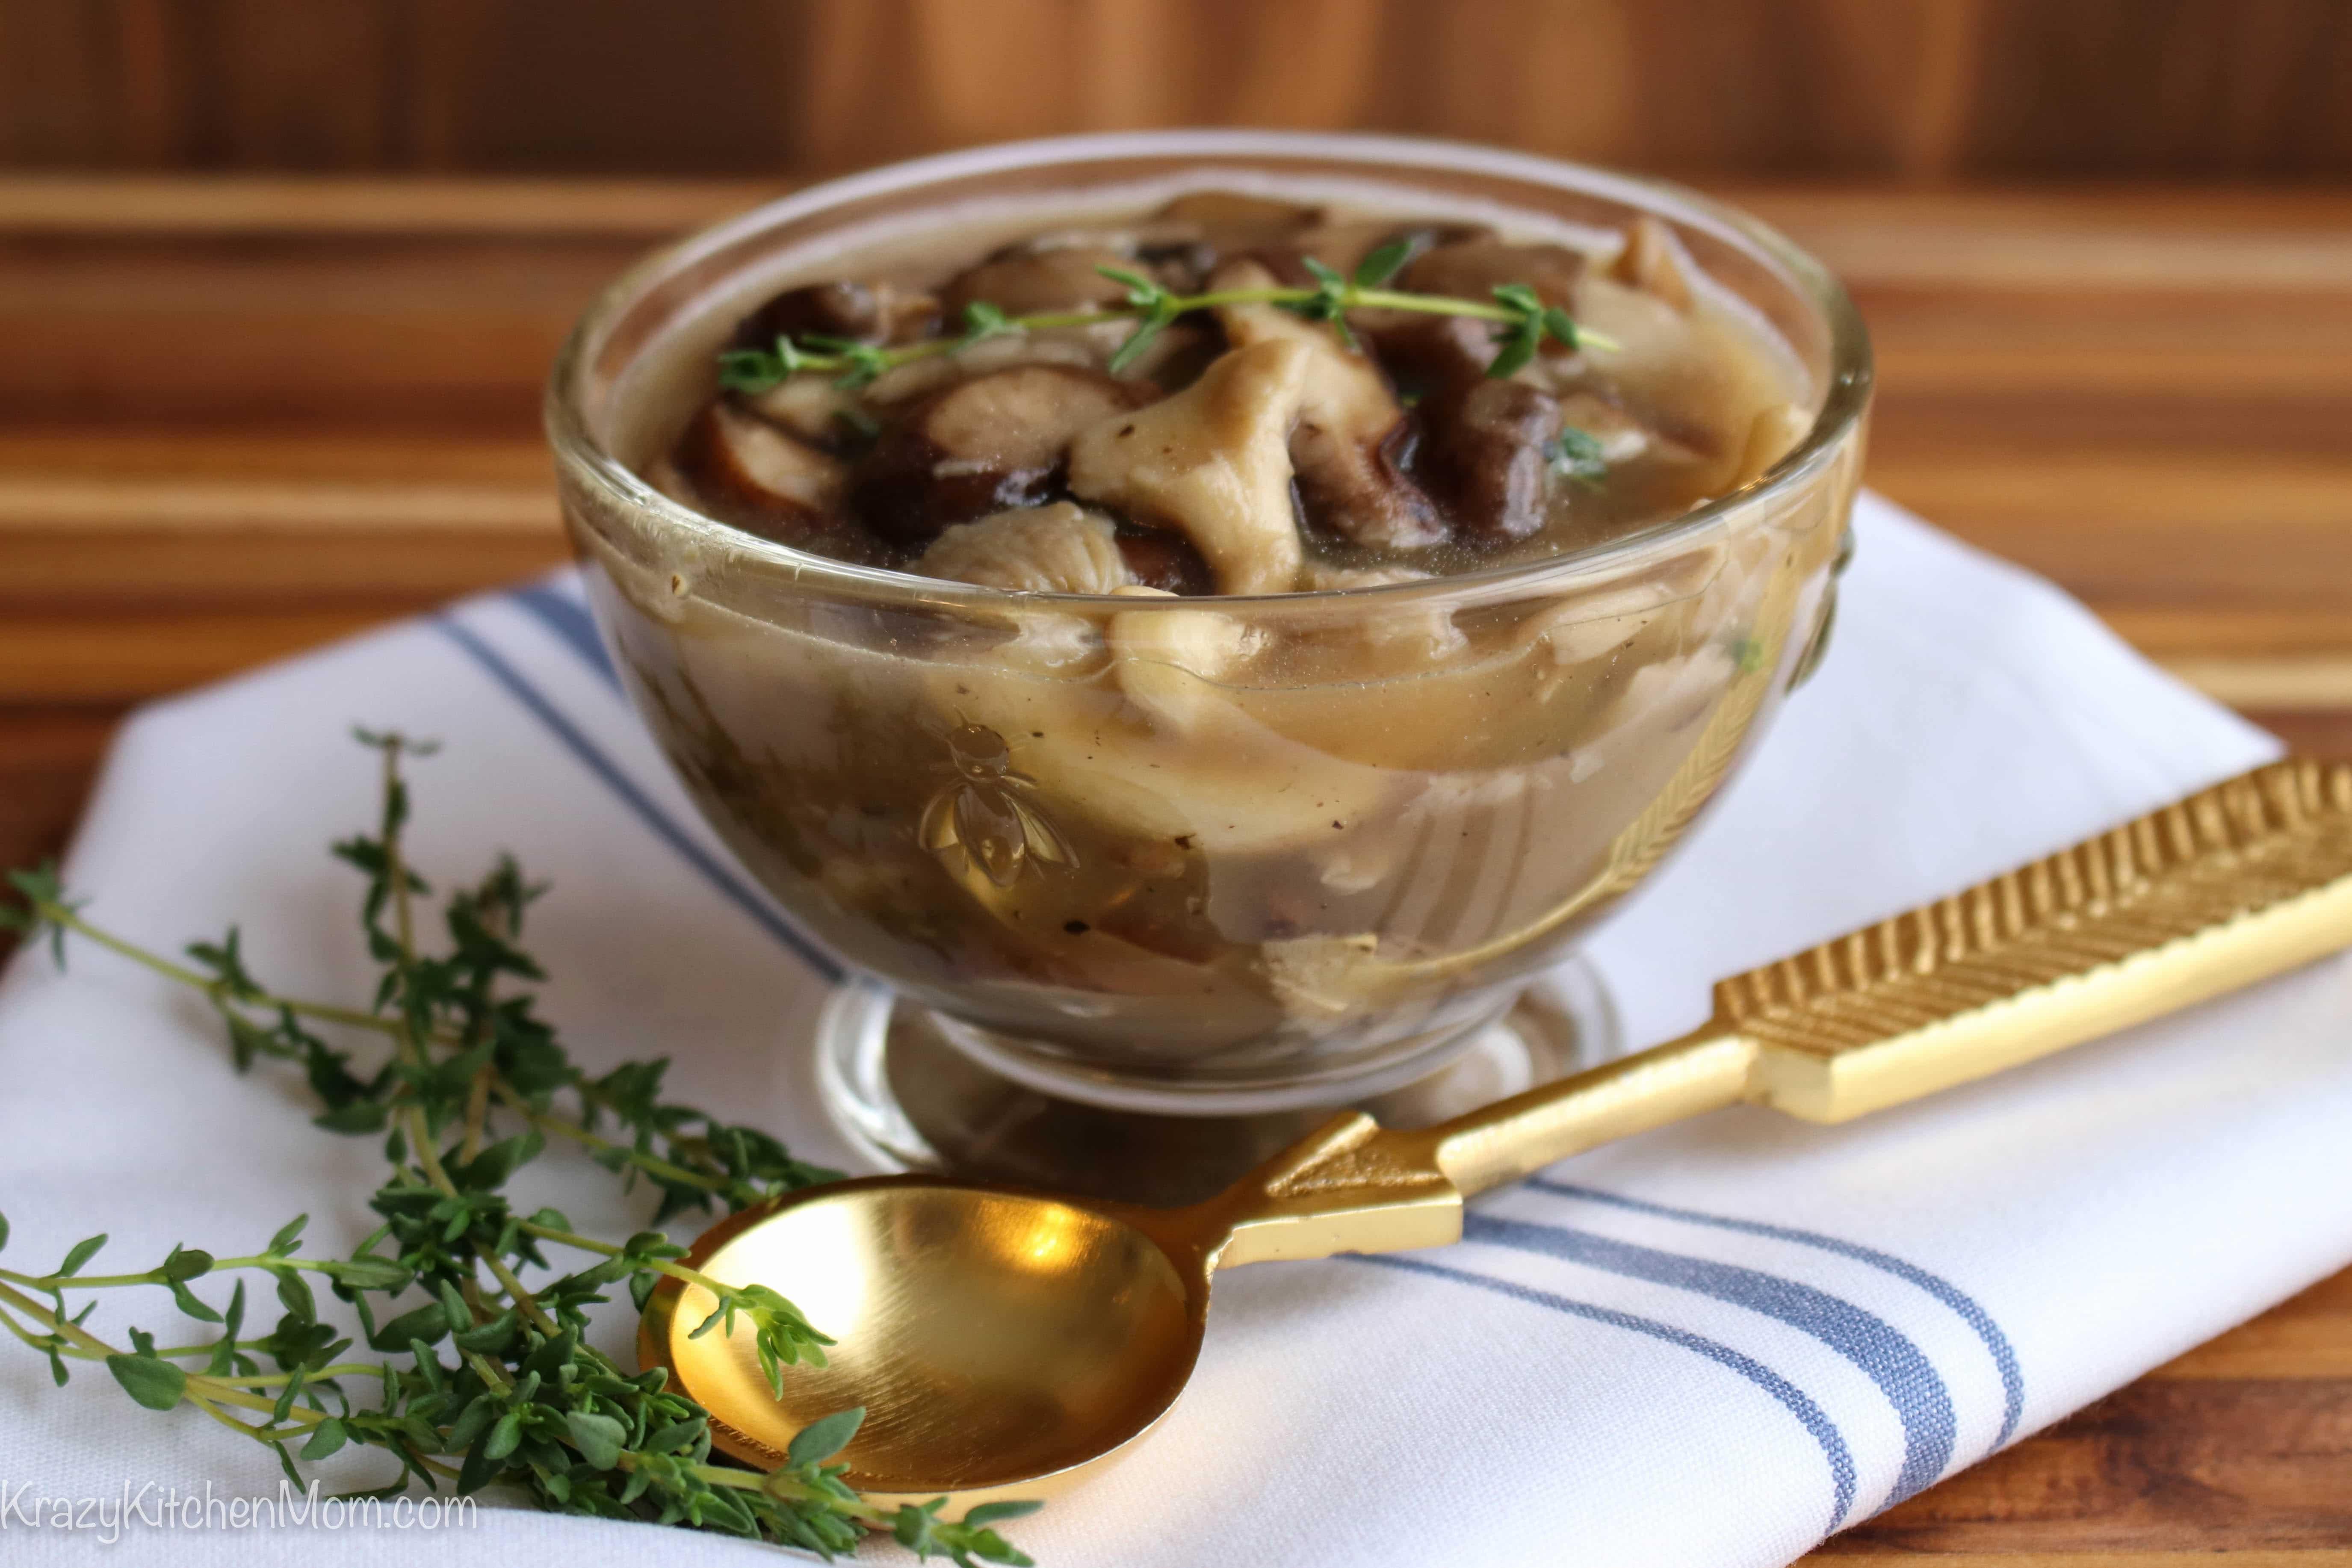 Ten Minute Herb Mushroom Sauce with spoon